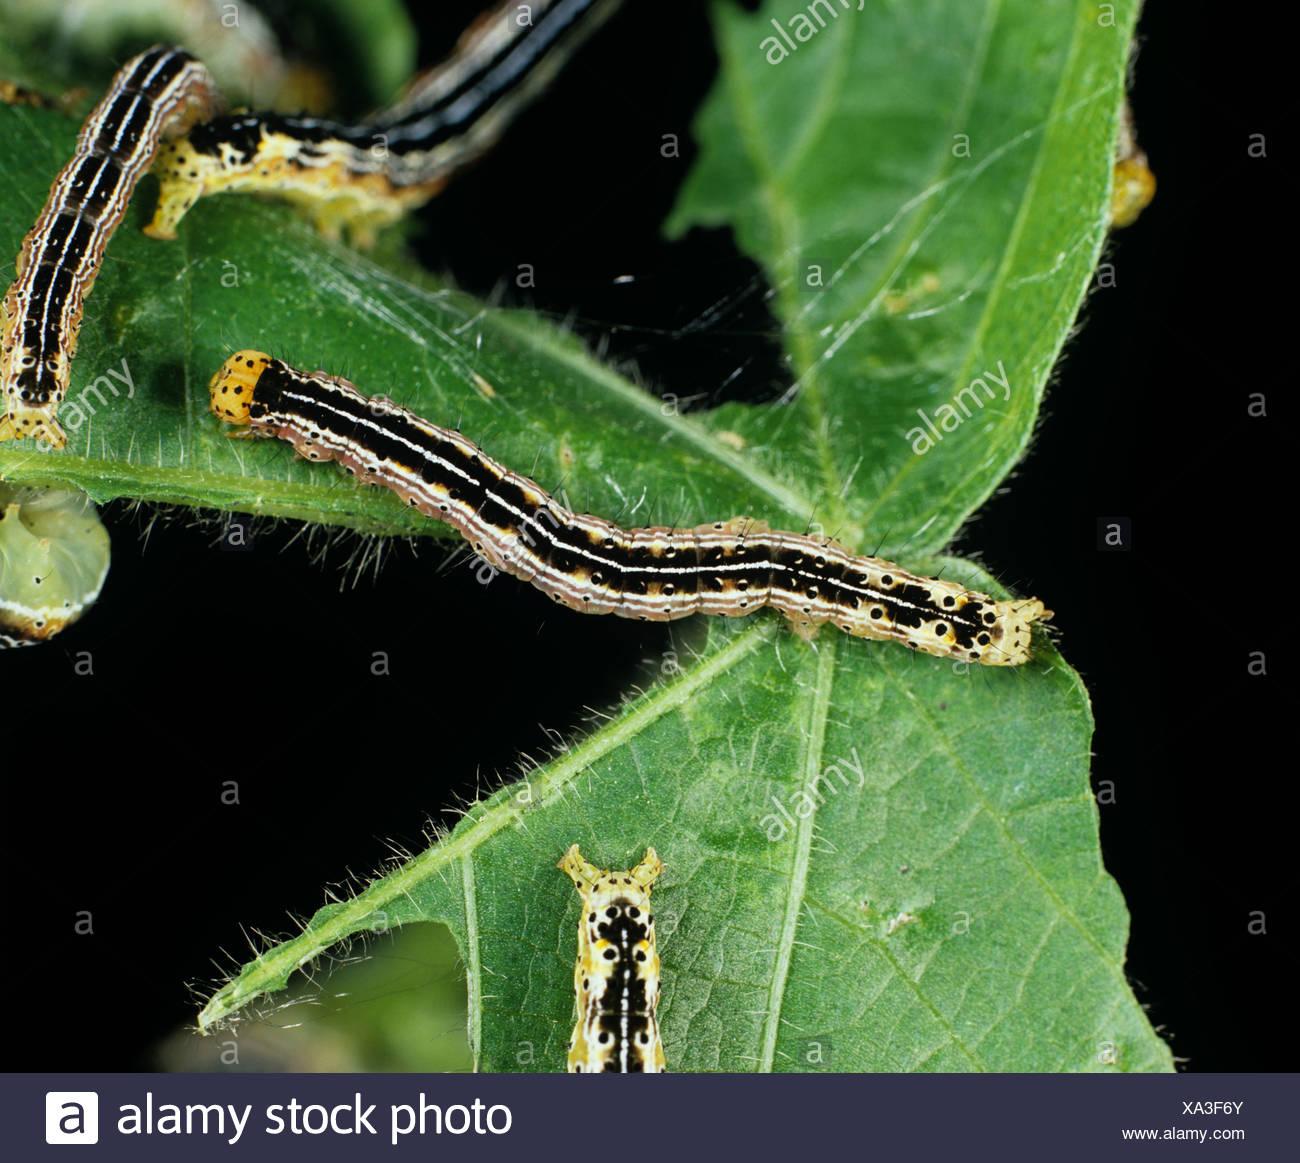 Cotton leafworm (Alabama argillacea) caterpillars on a damaged cotton leaf - Stock Image